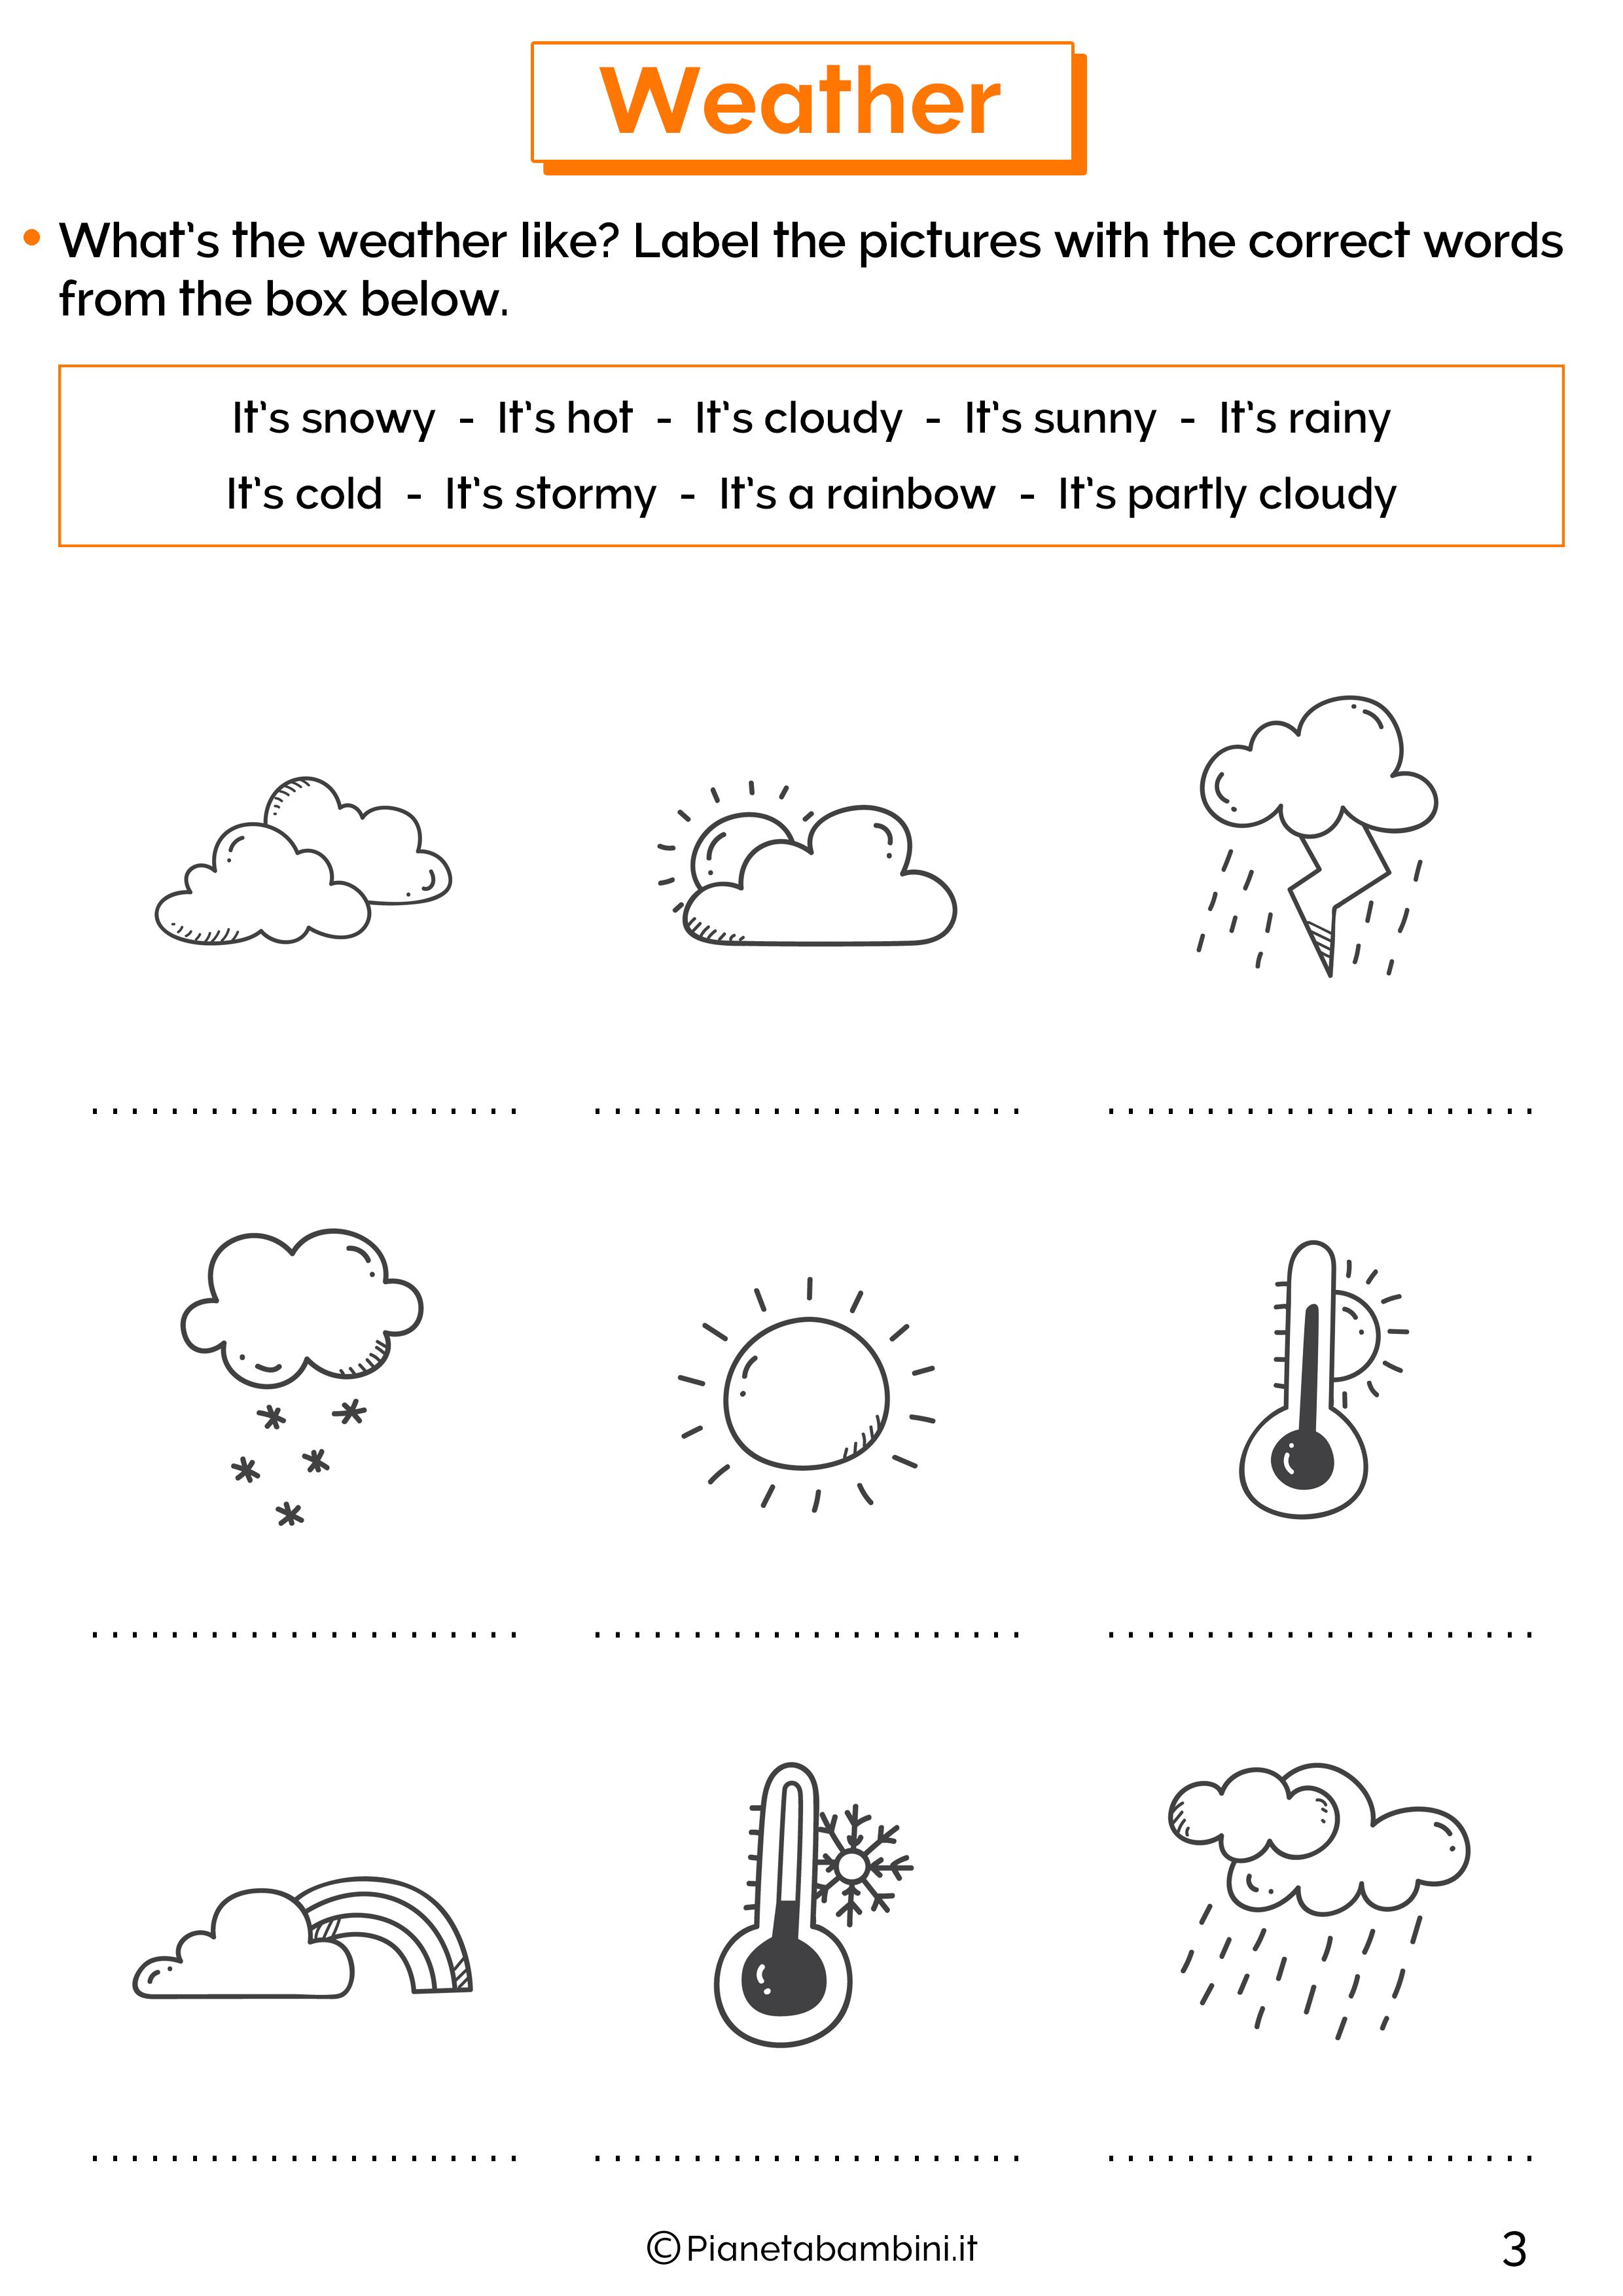 Esercizio sul tempo atmosferico in inglese 2